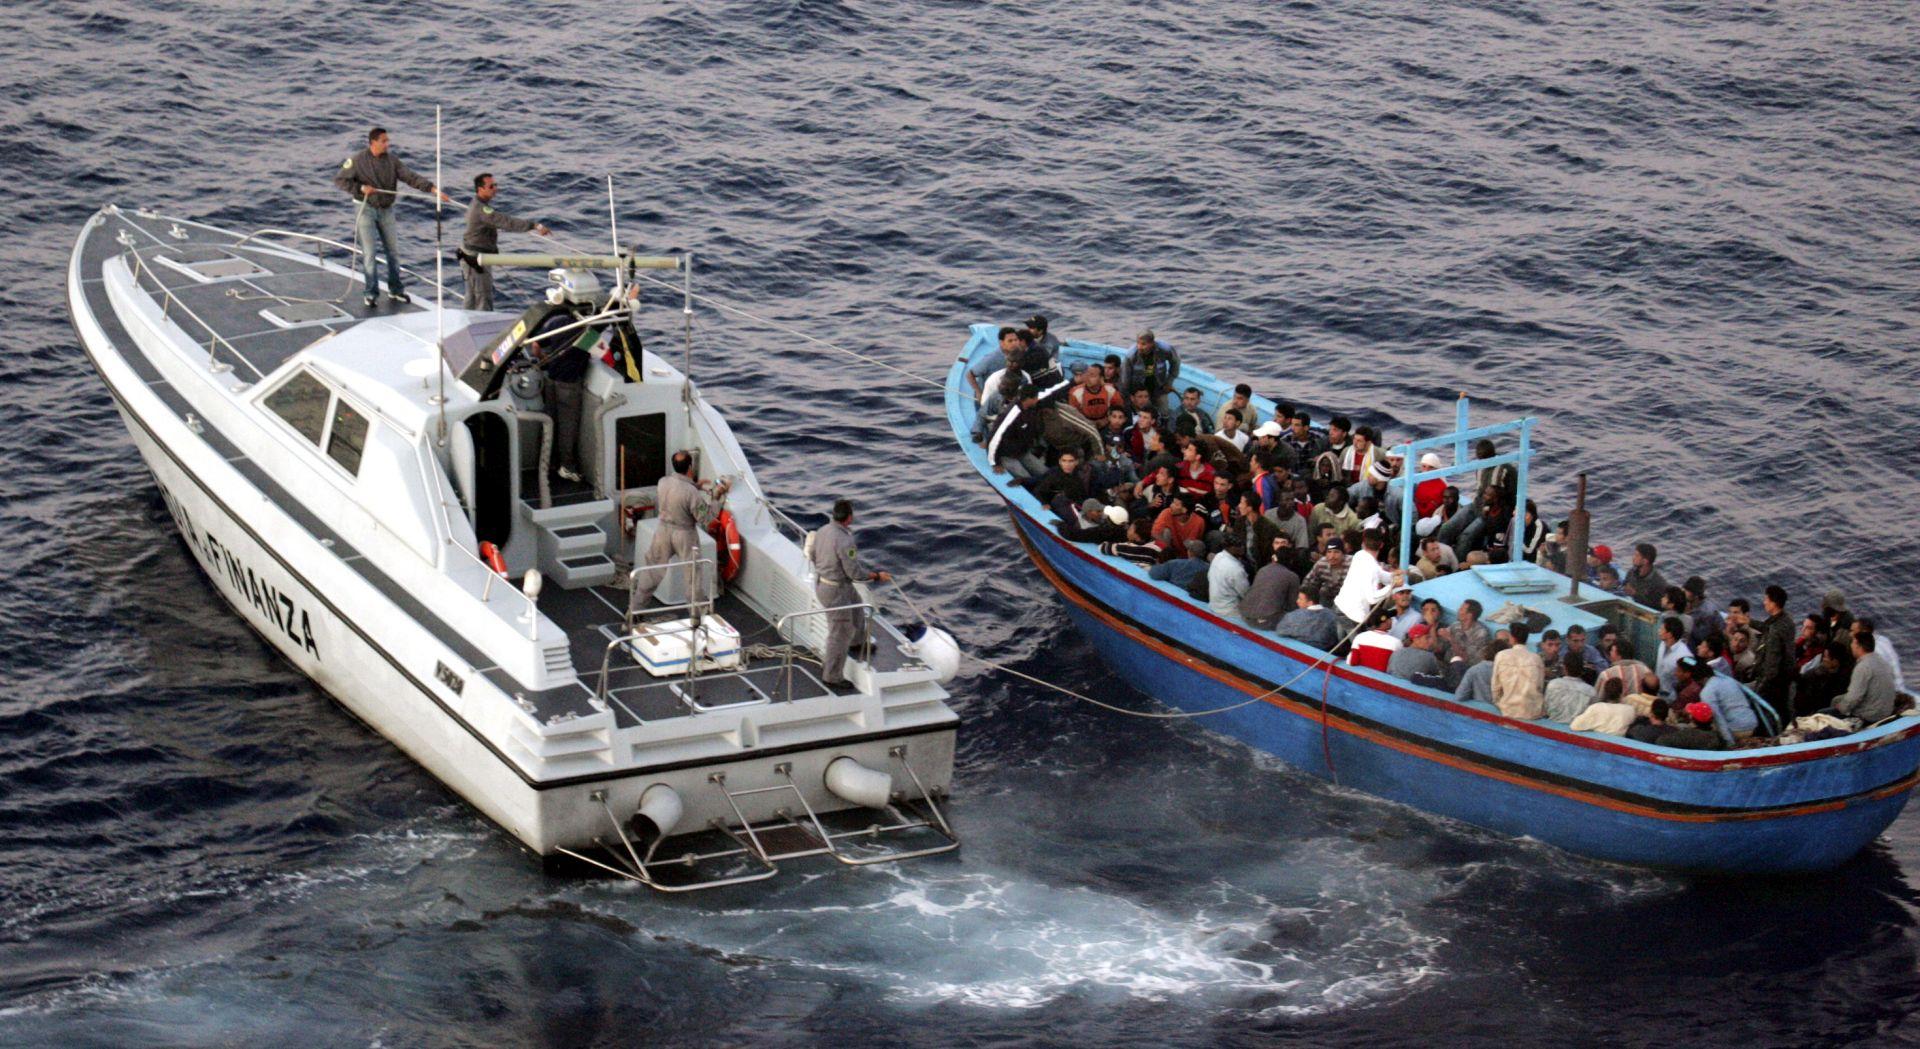 PLAVA GROBNICA: Broj poginulih migranata na Sredozemnom moru premašio 3000